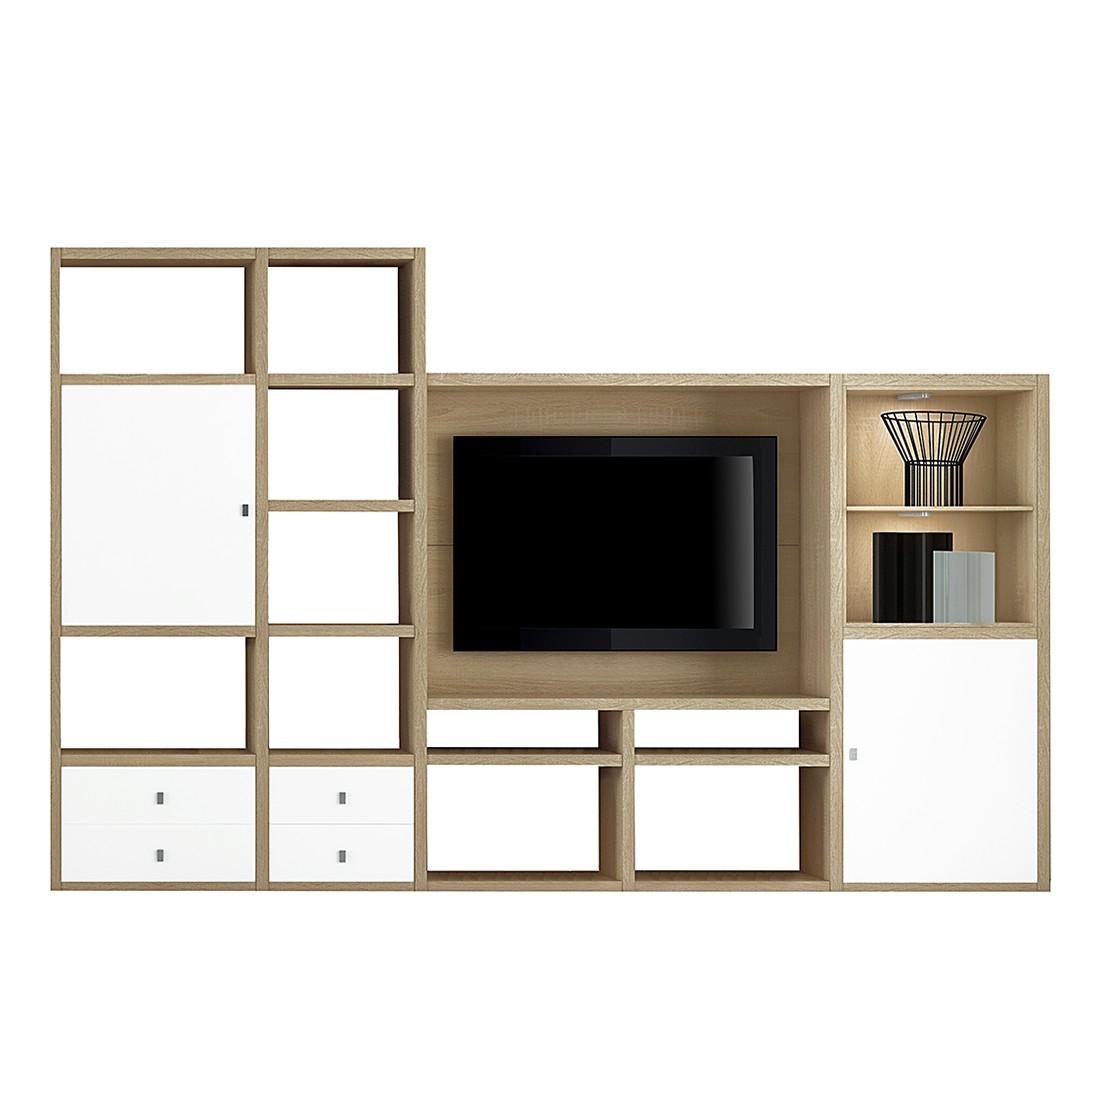 energie  A+, Tv-wand Emporior II - inclusief verlichting - Wit/eikenhouten look, loftscape